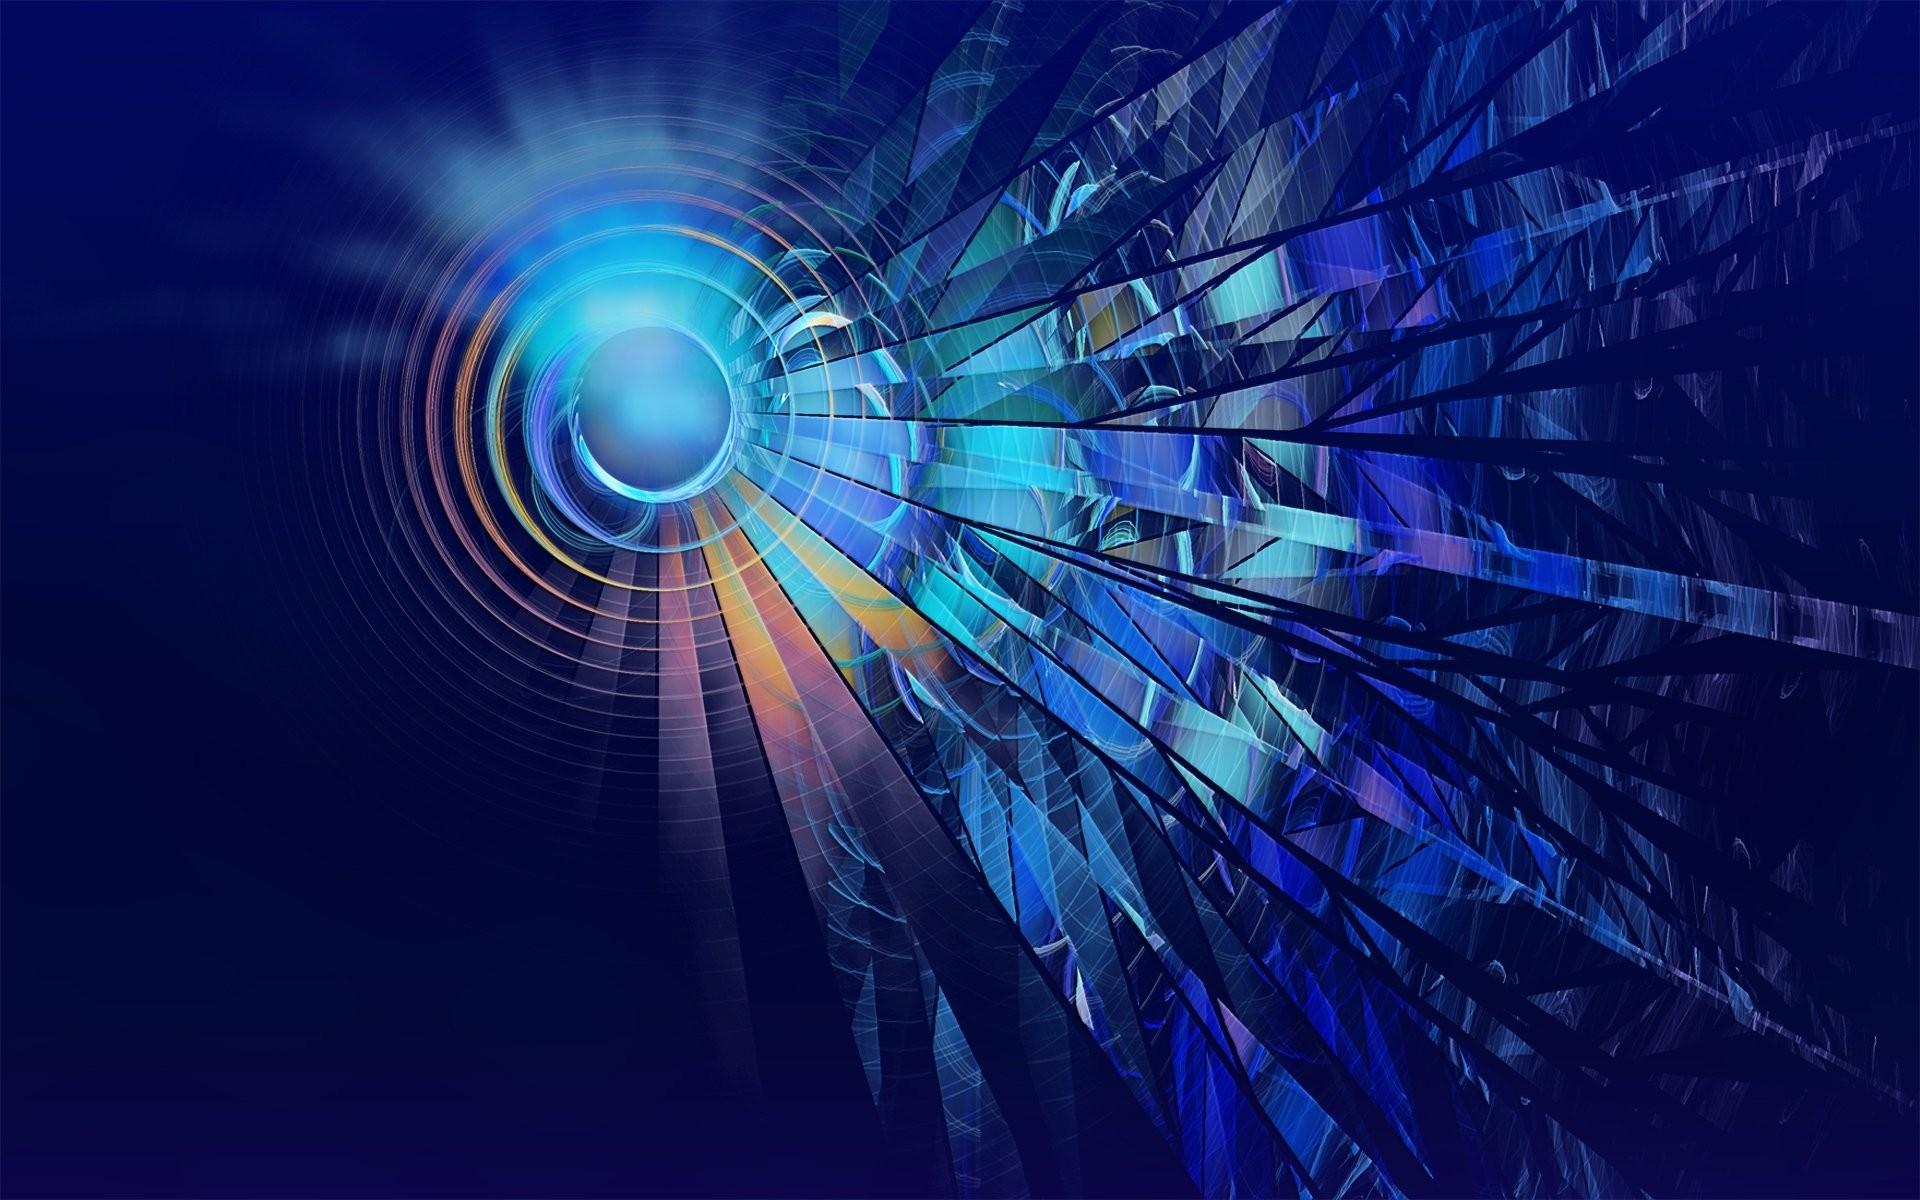 blue wallpaper 27